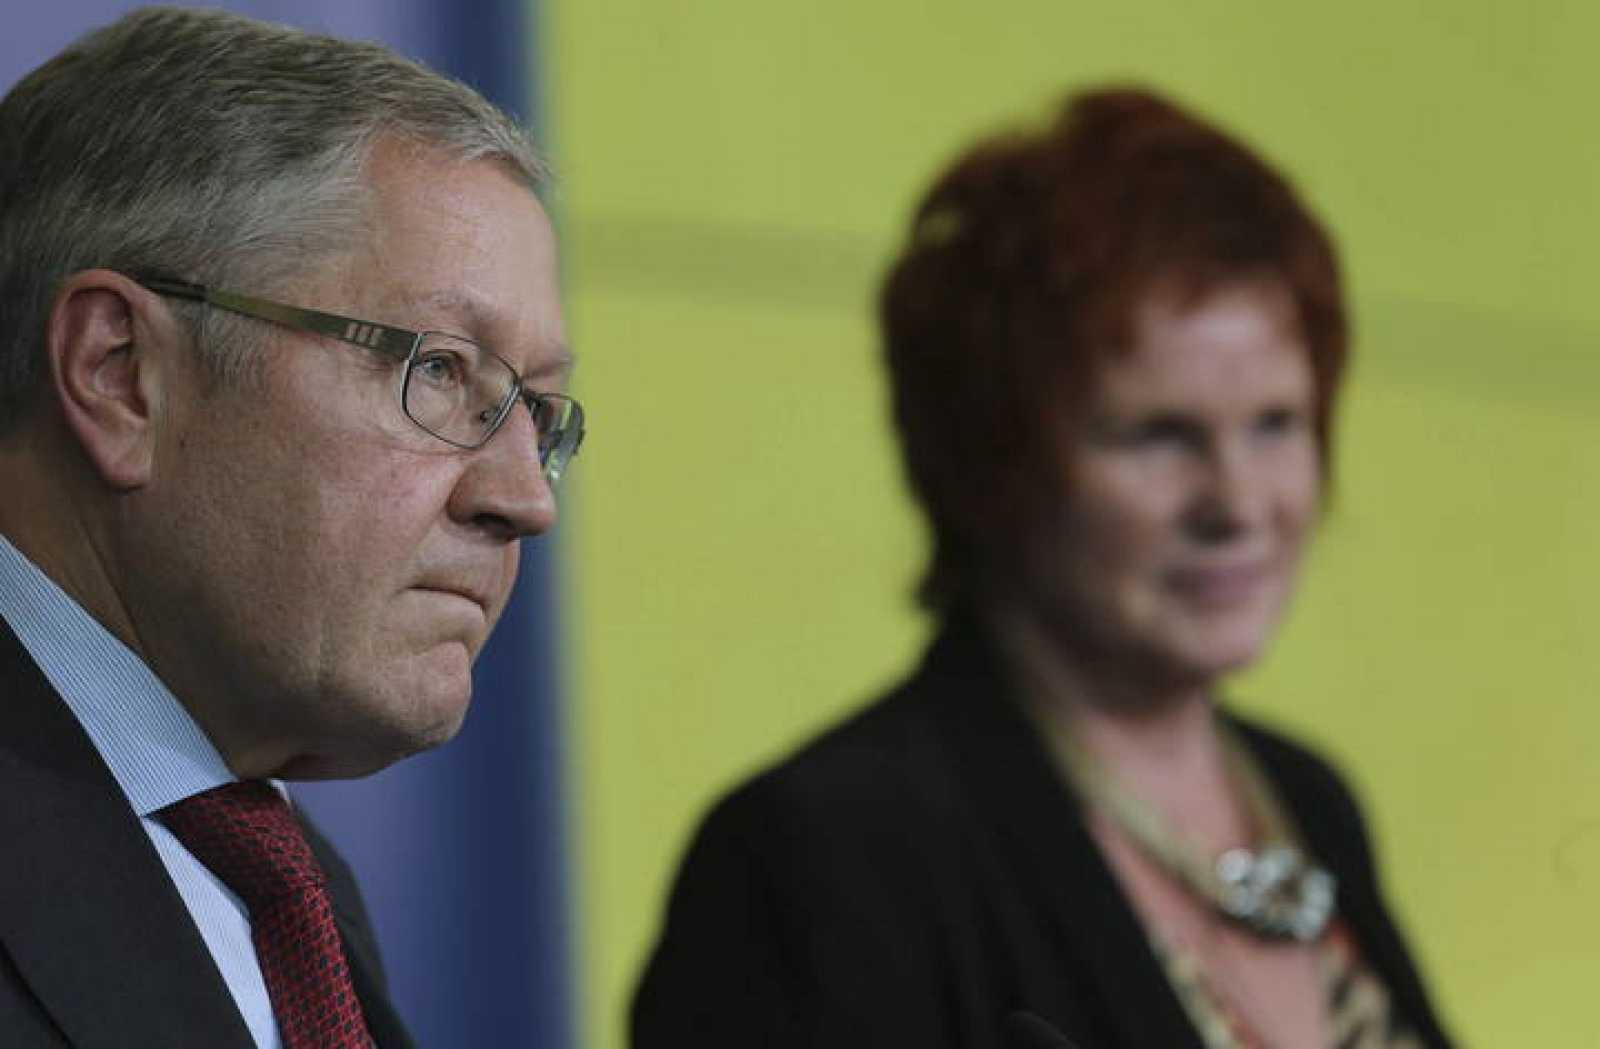 El jefe del MEDE, Klaus Regling, y la presidenta de la Comisión de Asuntos Económicos del PE, Sharon Bowles